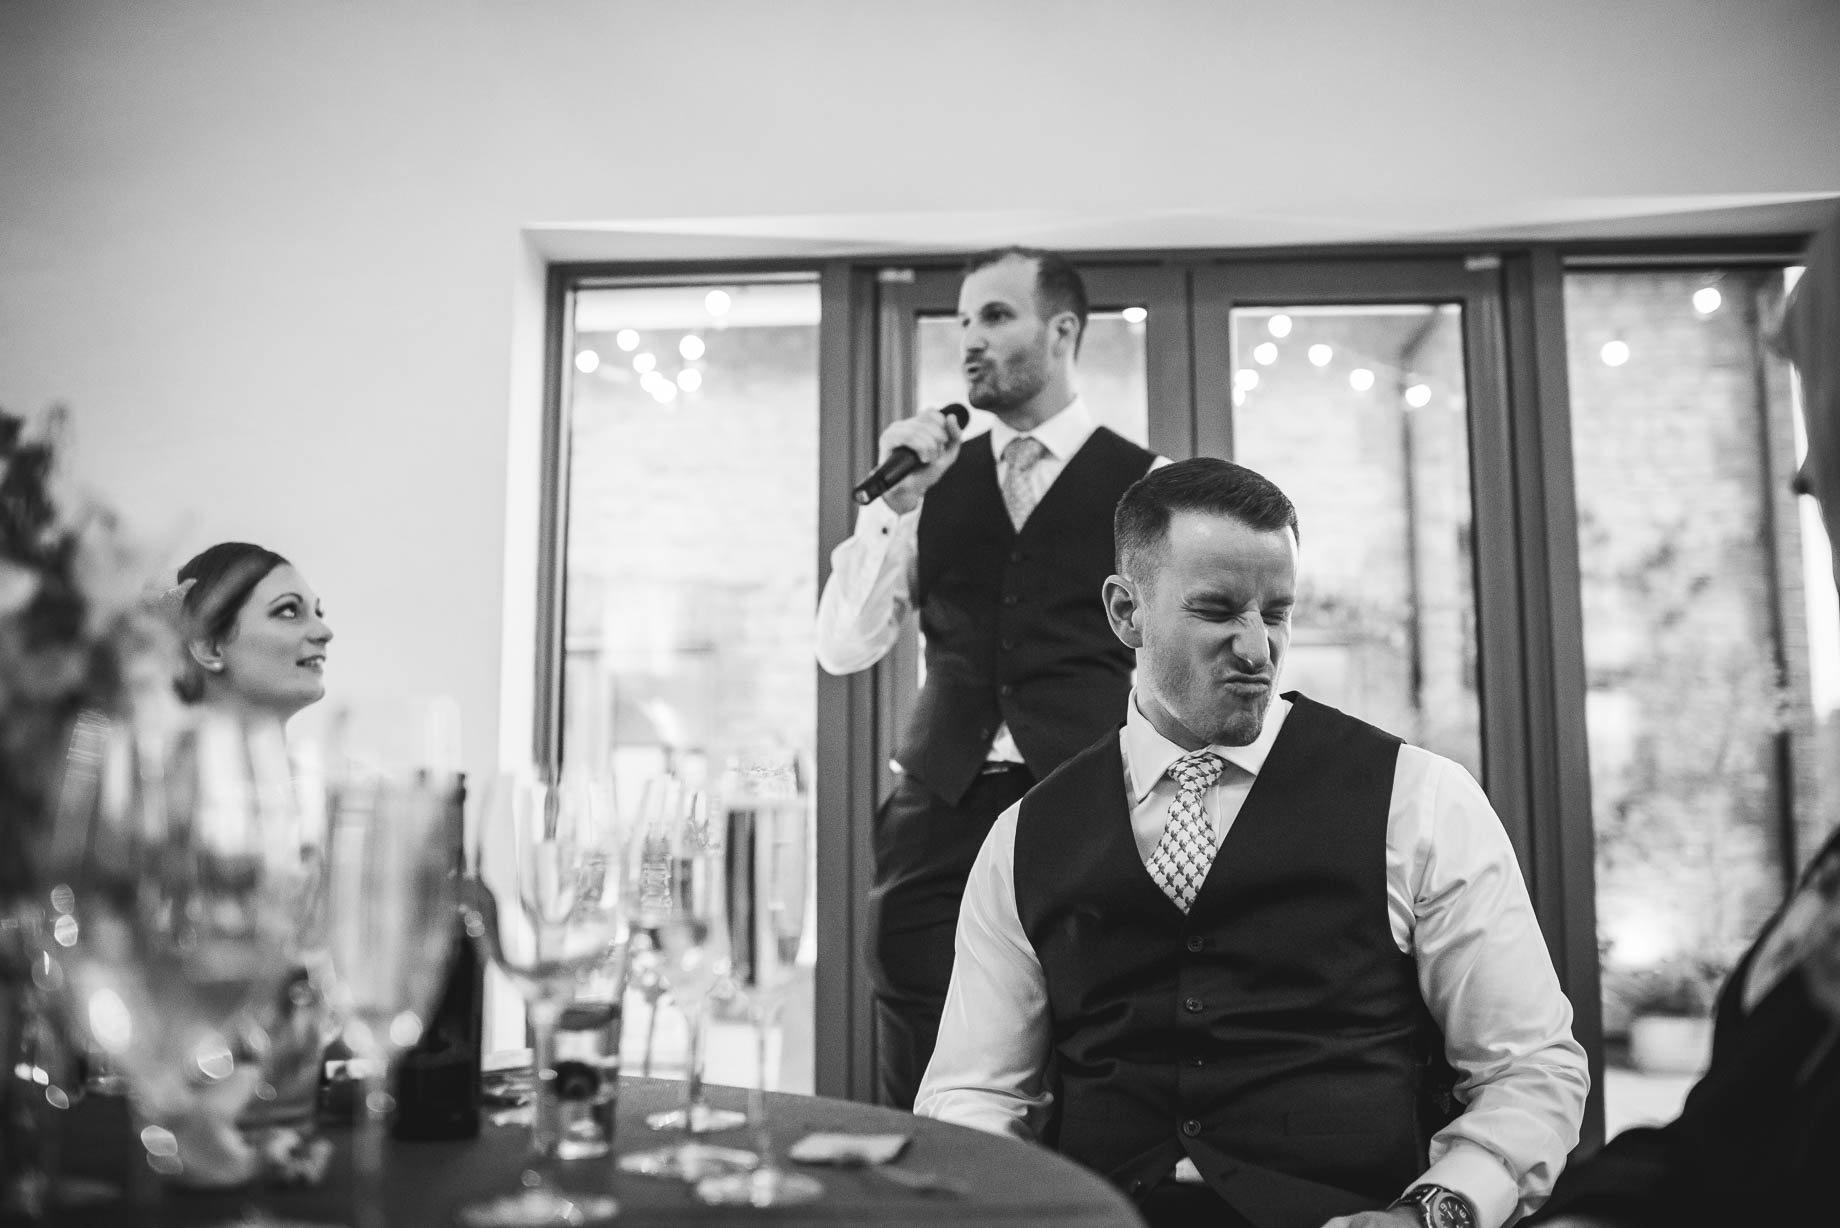 Millbridge Court Wedding Photography - Lisa and Daniel (154 of 173)